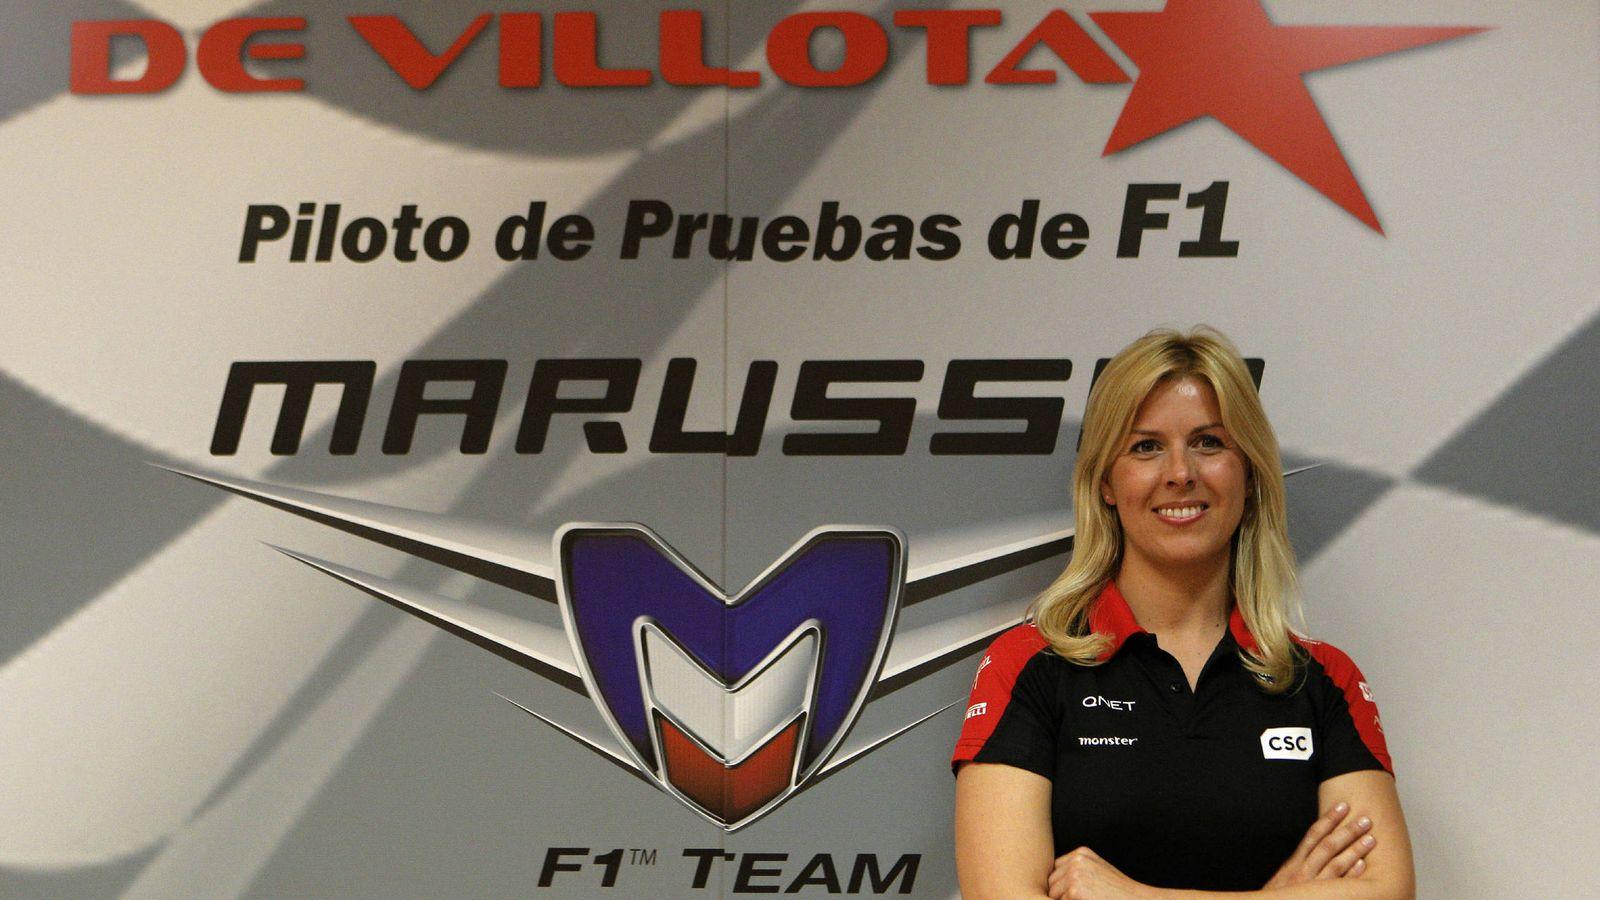 Foto: María de Villota en su presentación con Marussia.